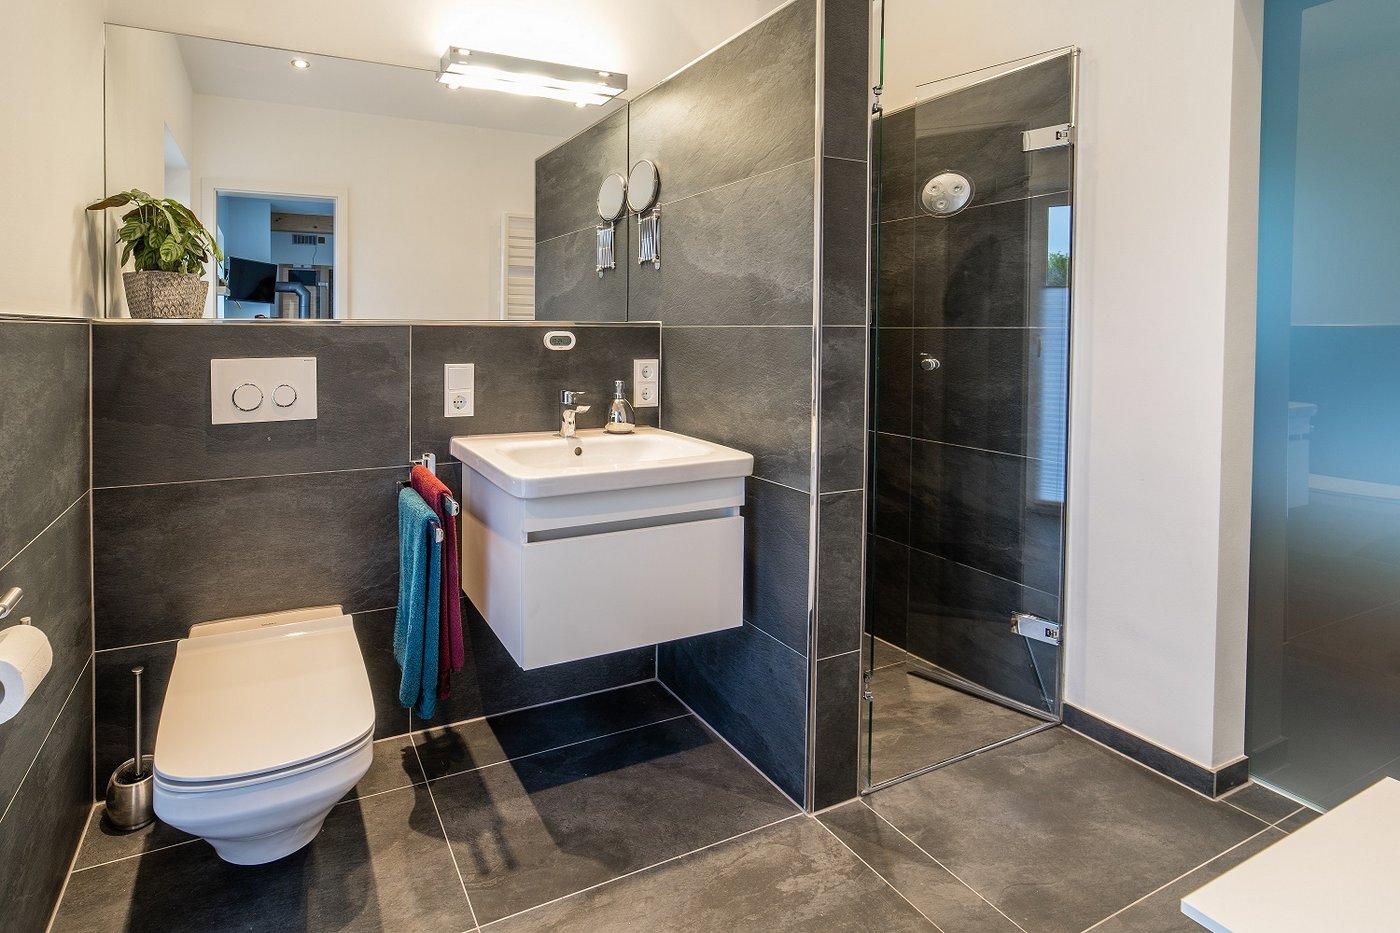 scholtes fliesen sanit r produktwelt sanit r. Black Bedroom Furniture Sets. Home Design Ideas